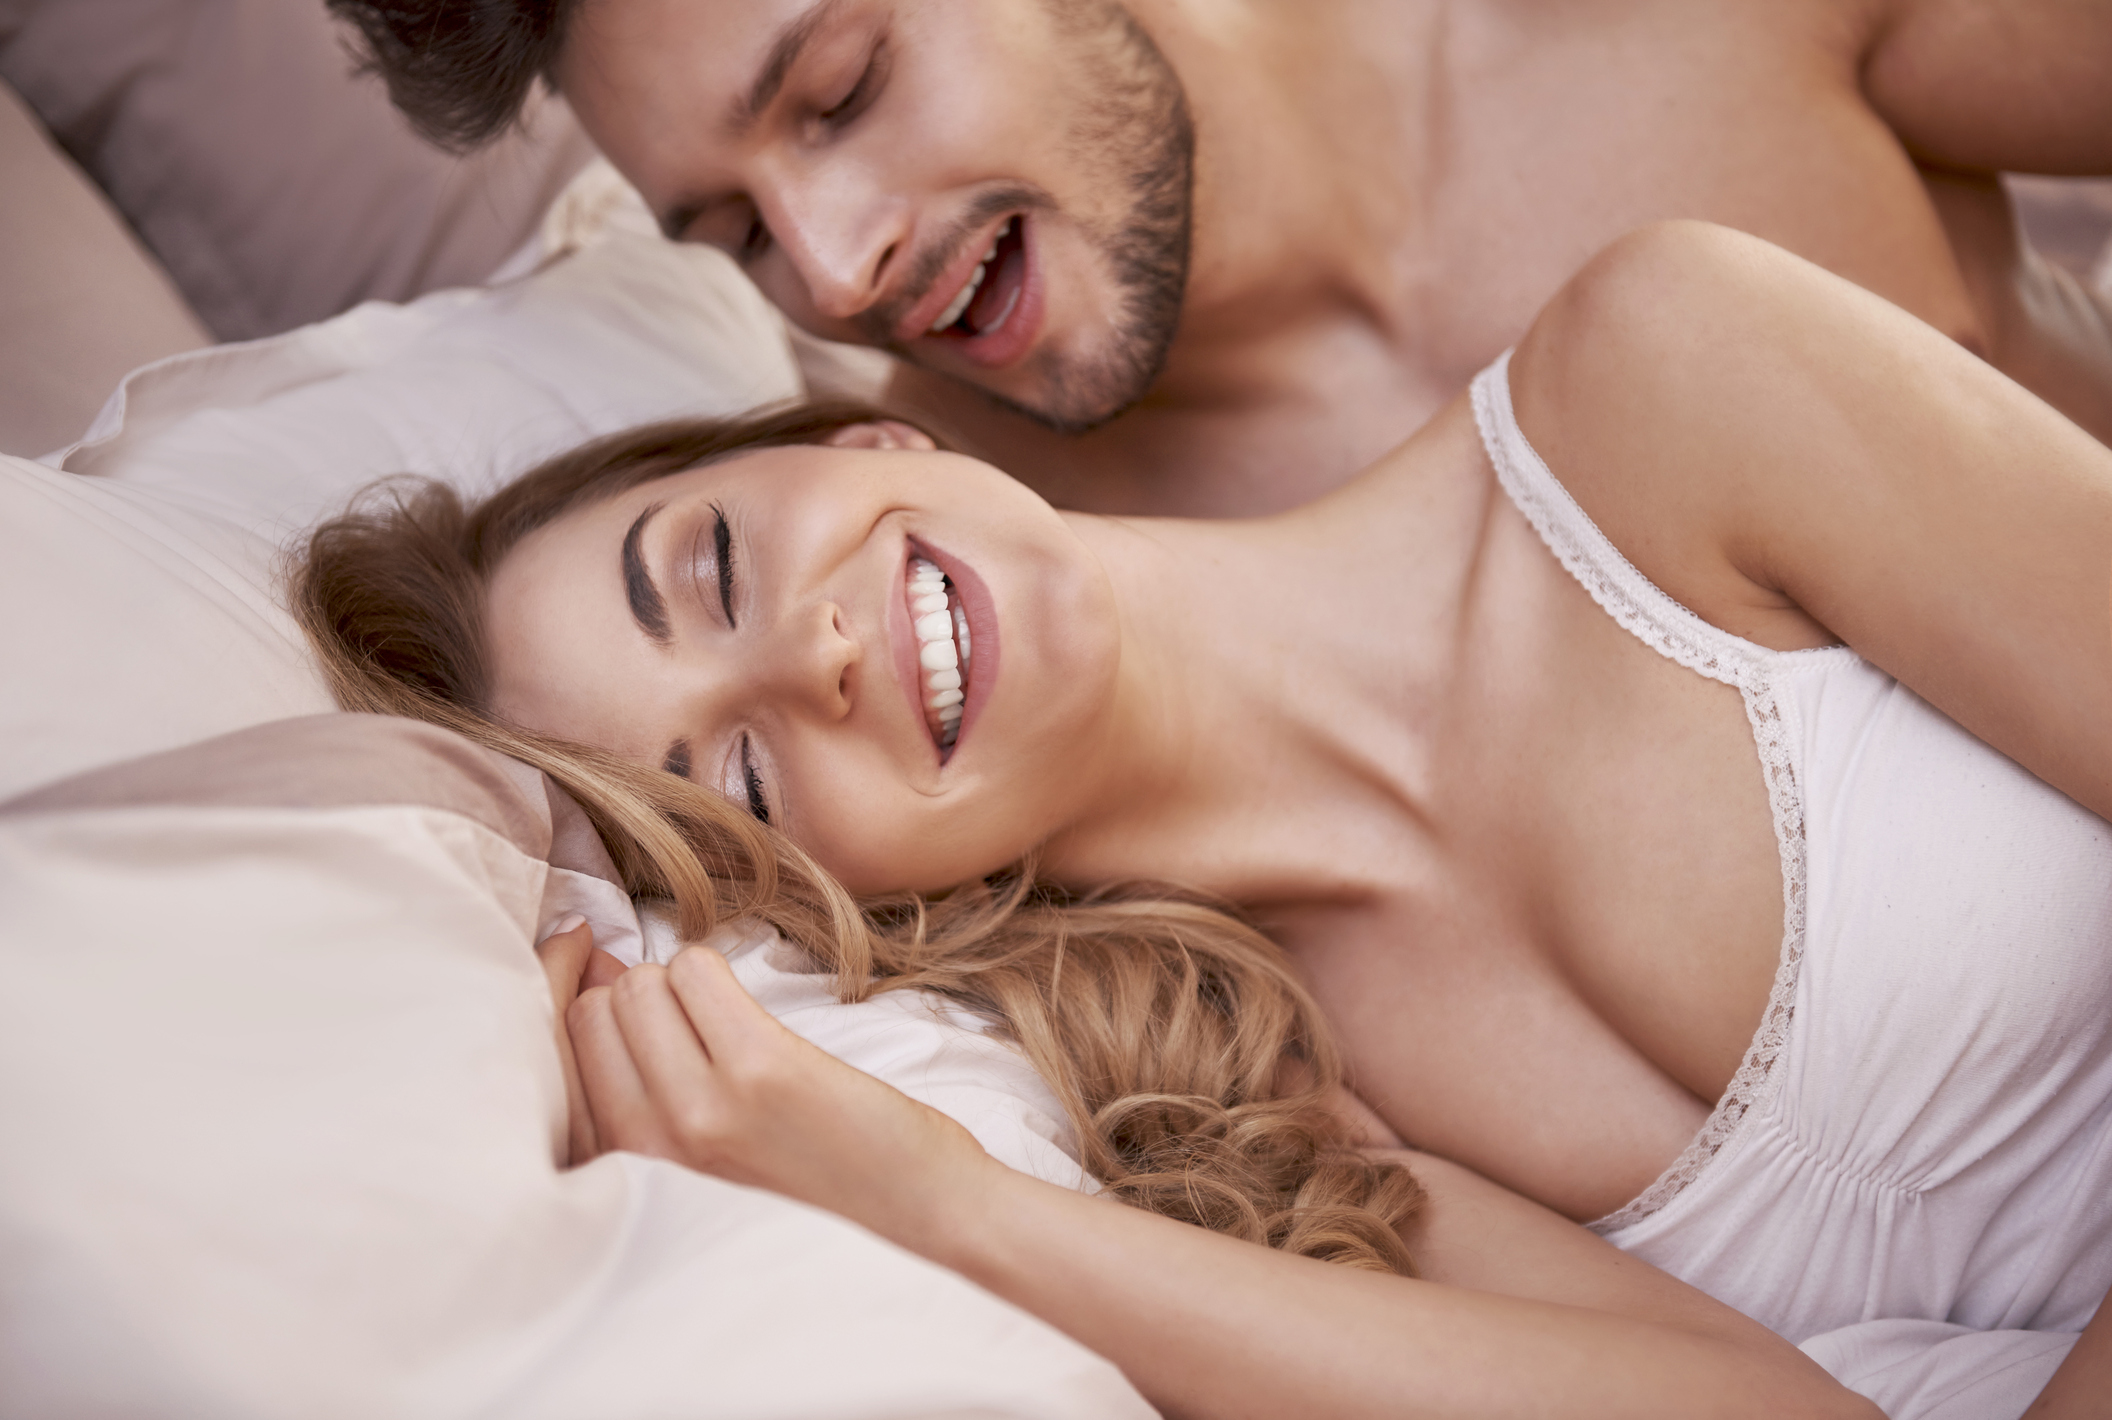 δωρεάν ΑμεΑ τοποθεσίες για dating στην Ελλάδα